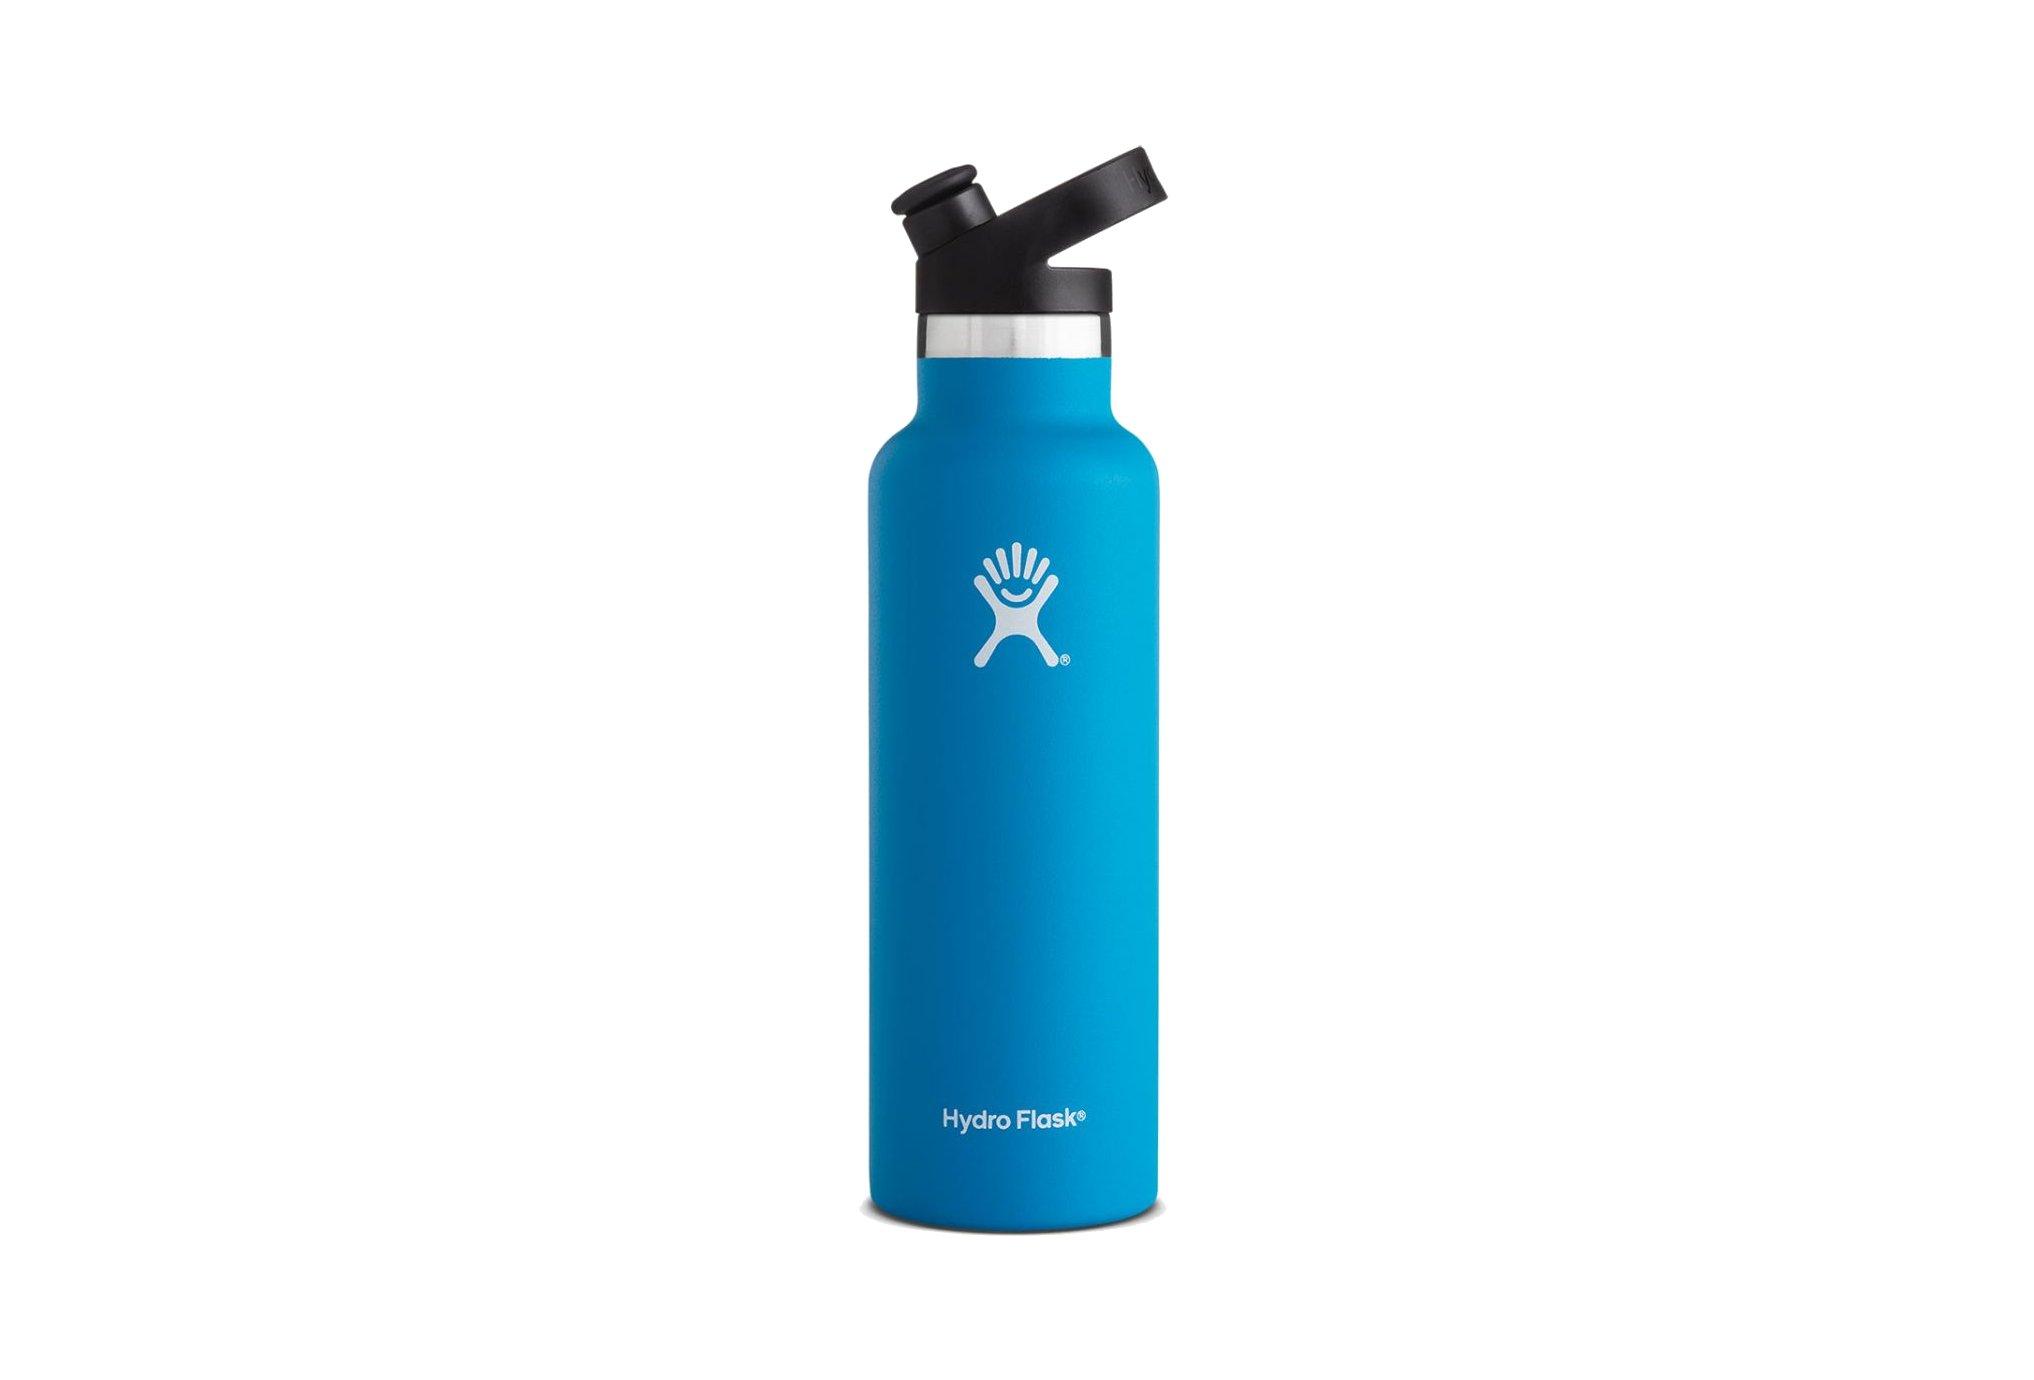 Hydro Flask Standard Mouth Sport Cap 621 mL Sac hydratation / Gourde